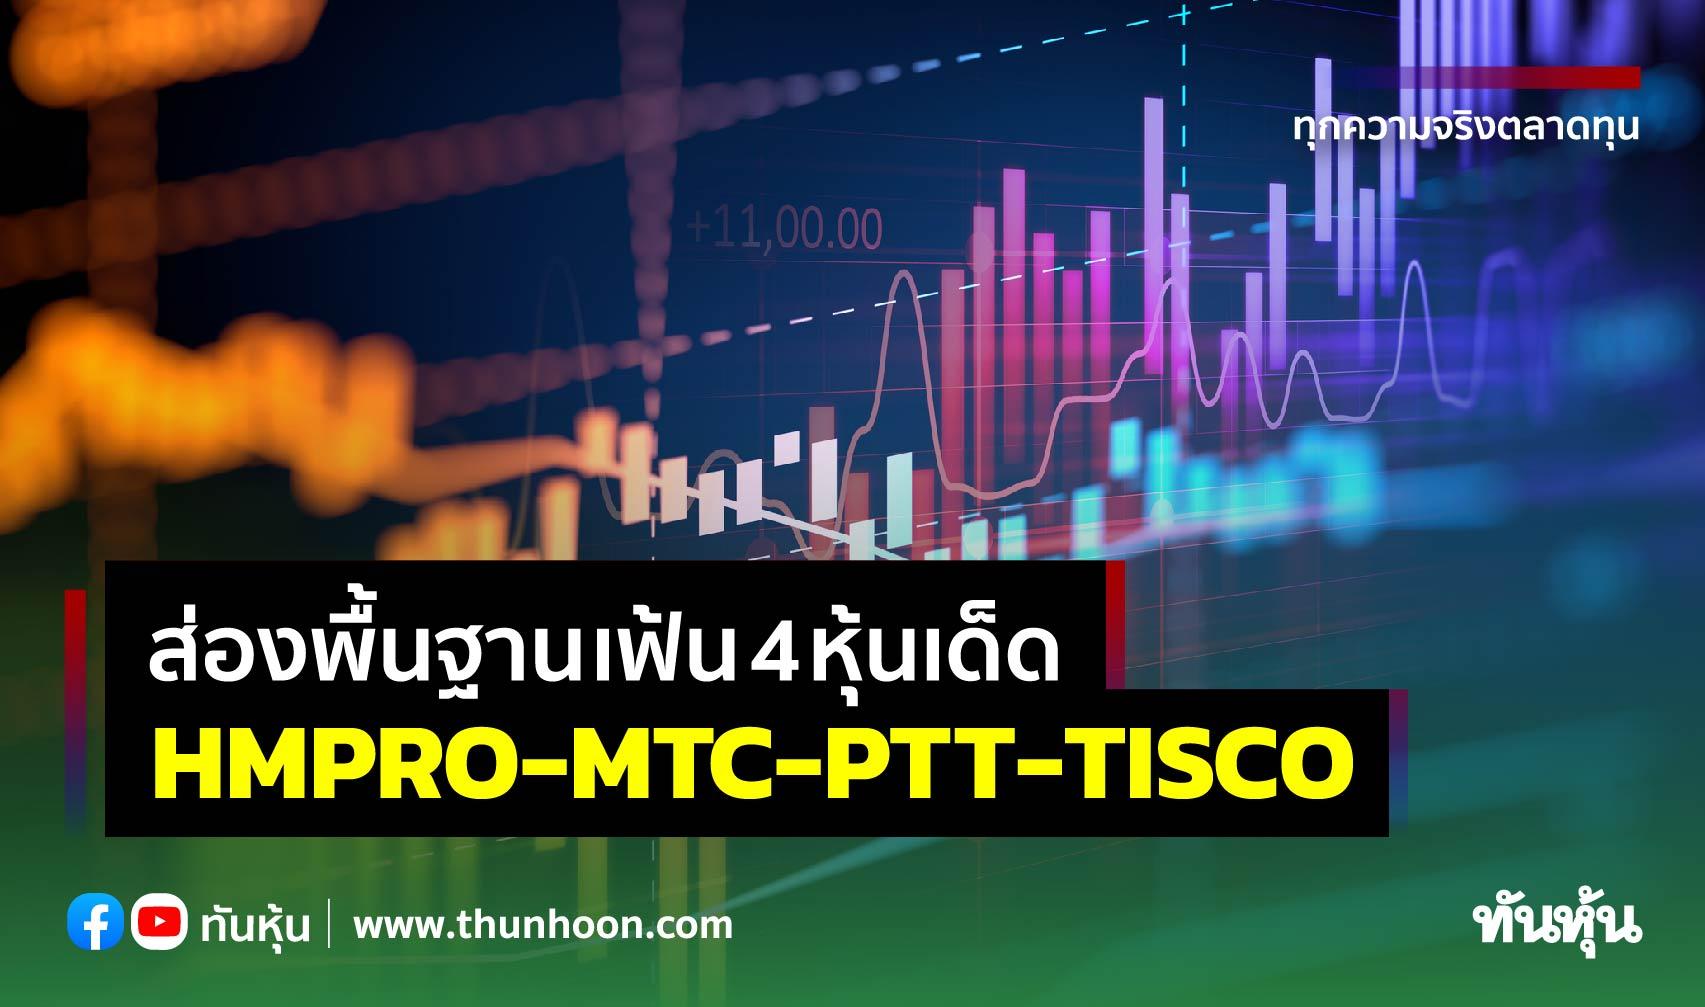 ส่องพื้นฐาน เฟ้น 4 หุ้นเด็ด HMPRO-MTC-PTT-TISCO